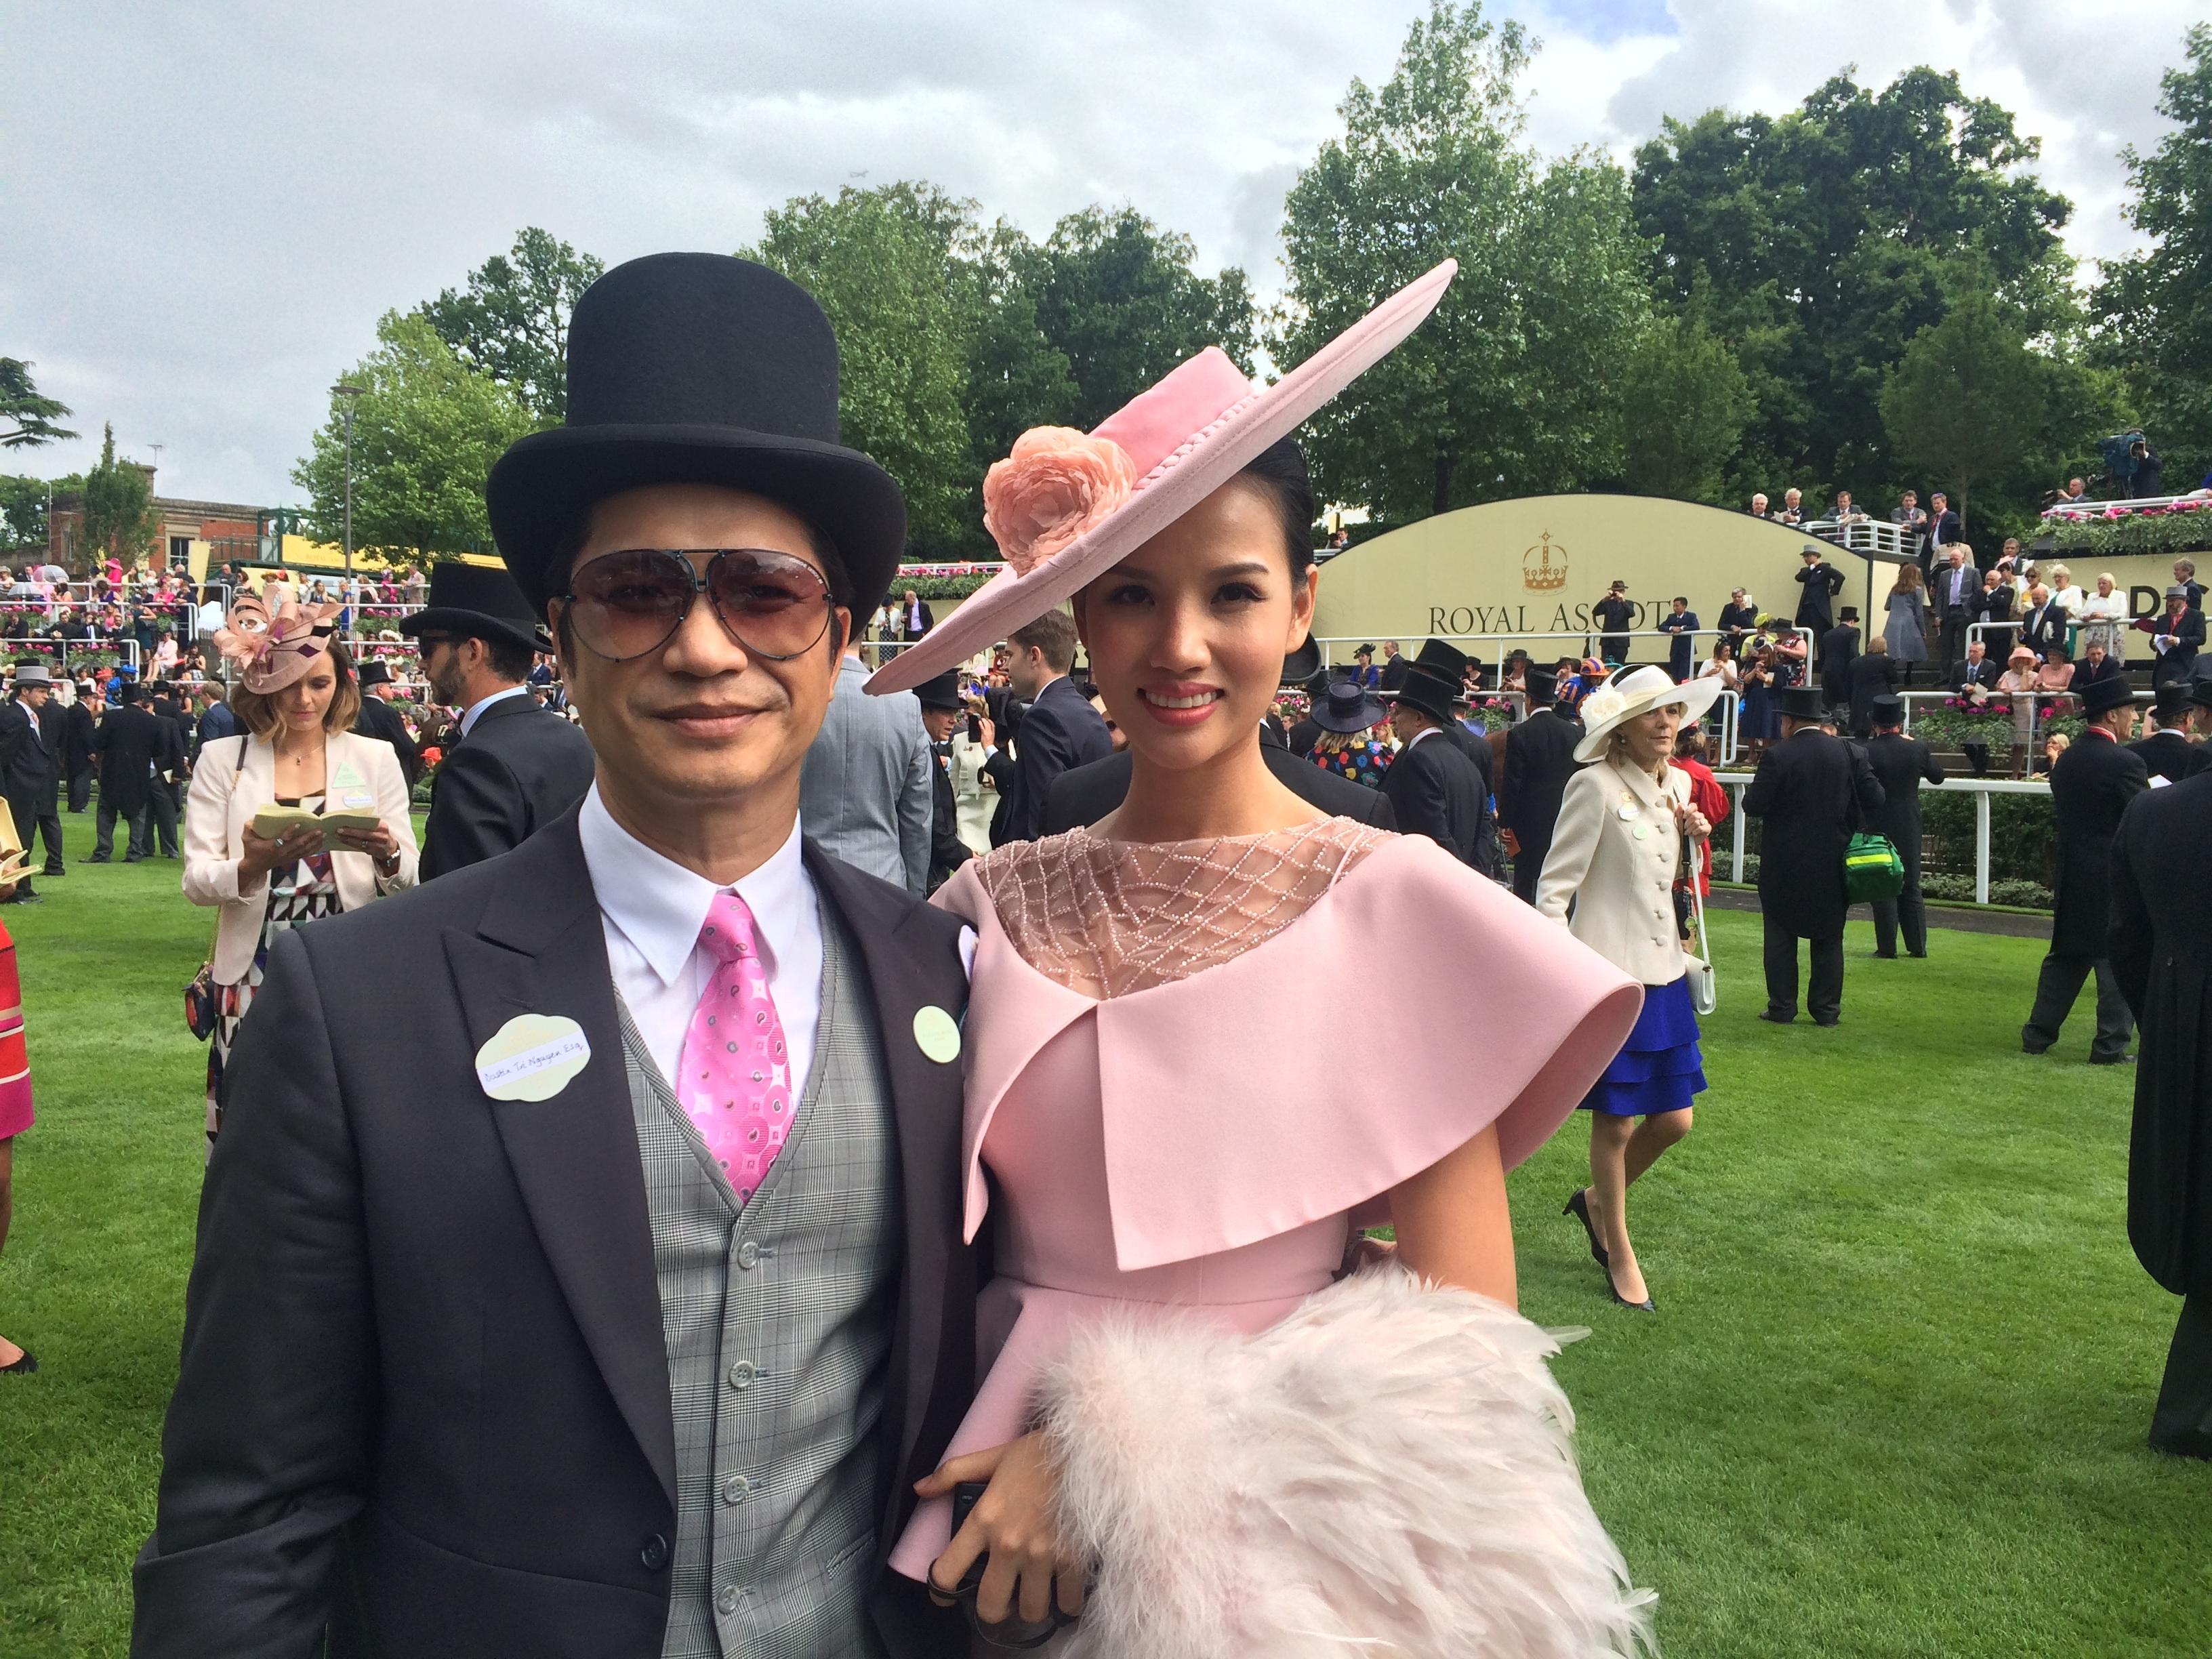 Dustin Nguyễn - Bebe dự đua ngựa mừng sinh nhật nữ hoàng Anh 90 tuổi - 17